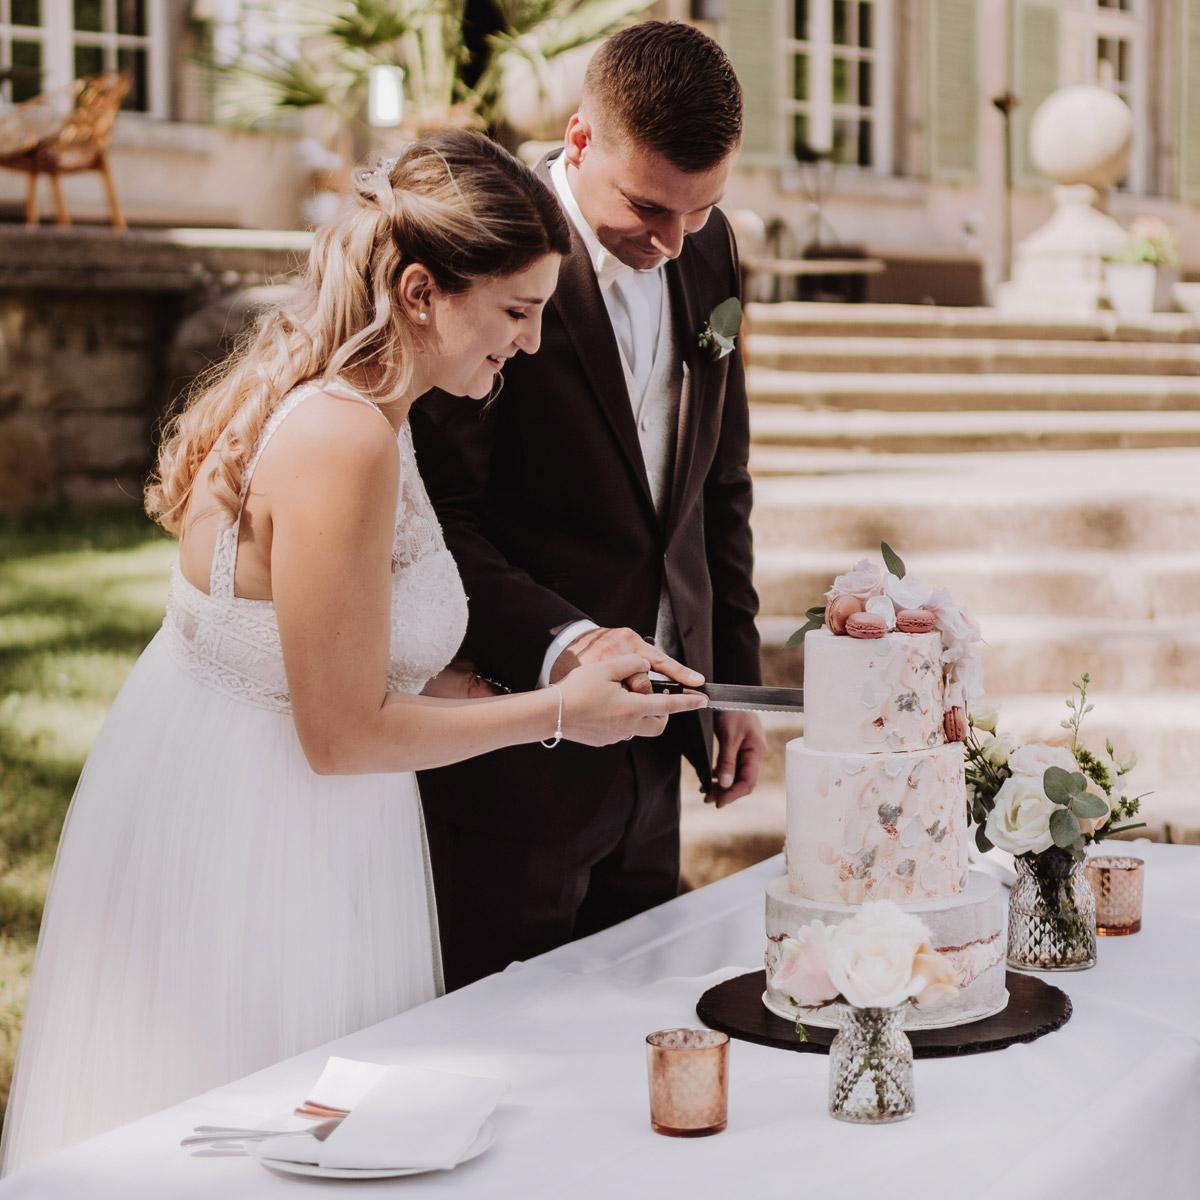 Hochzeitsfoto Brautpaar Anschneiden Hochzeitstorte - natürliche Hochzeitsfotos Standesamt auf Schloss Kartzow von Hochzeitsfotograf Berlin © www.hochzeitslicht.de #hochzeitslicht